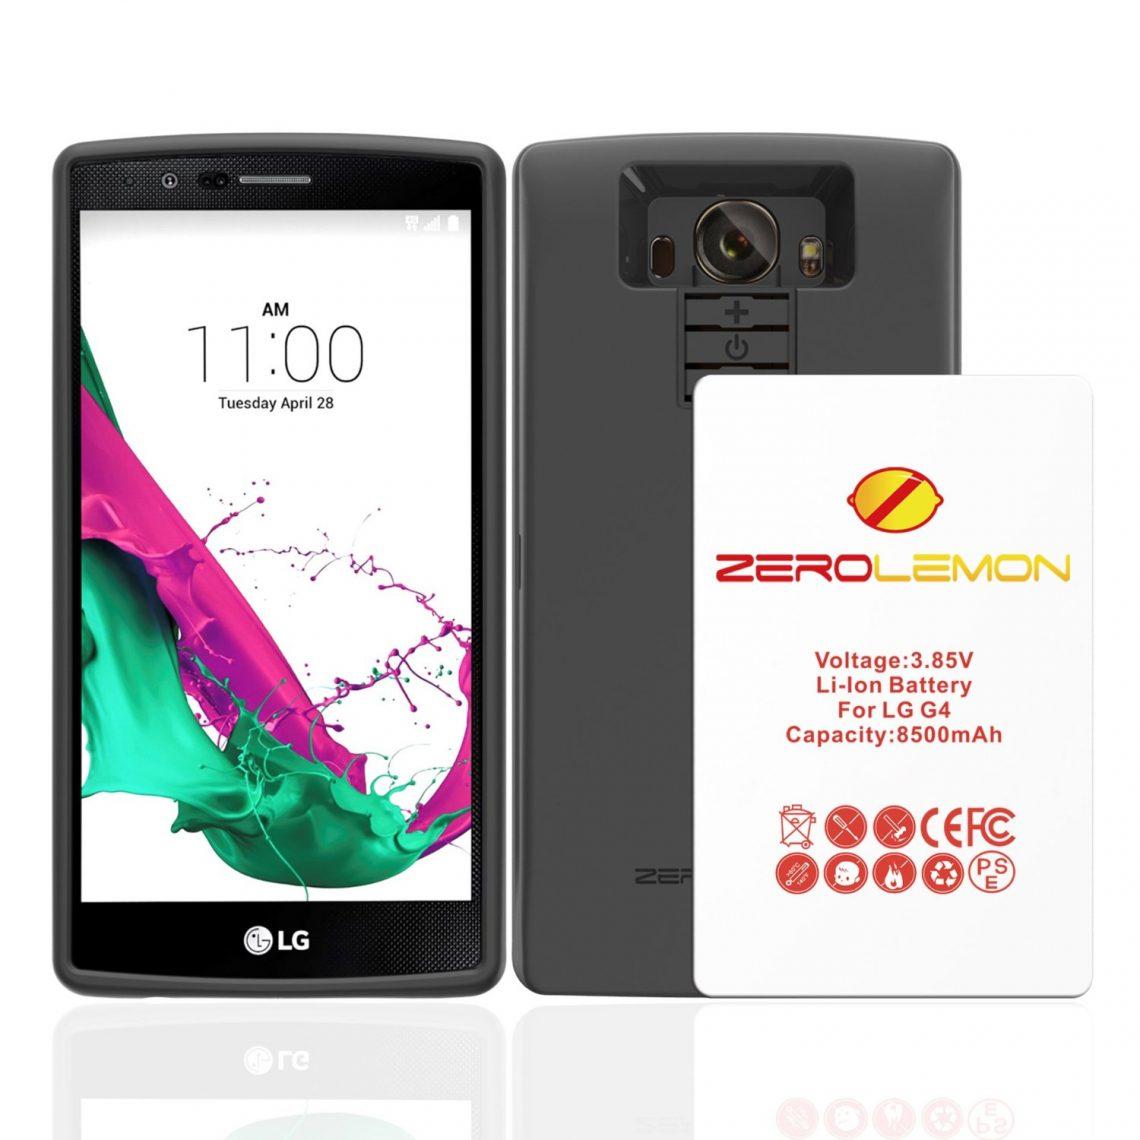 เสริมความอึดให้กับ LG G4 ด้วยแบตเตอรี่ 8500 mAh จาก Zerolemon